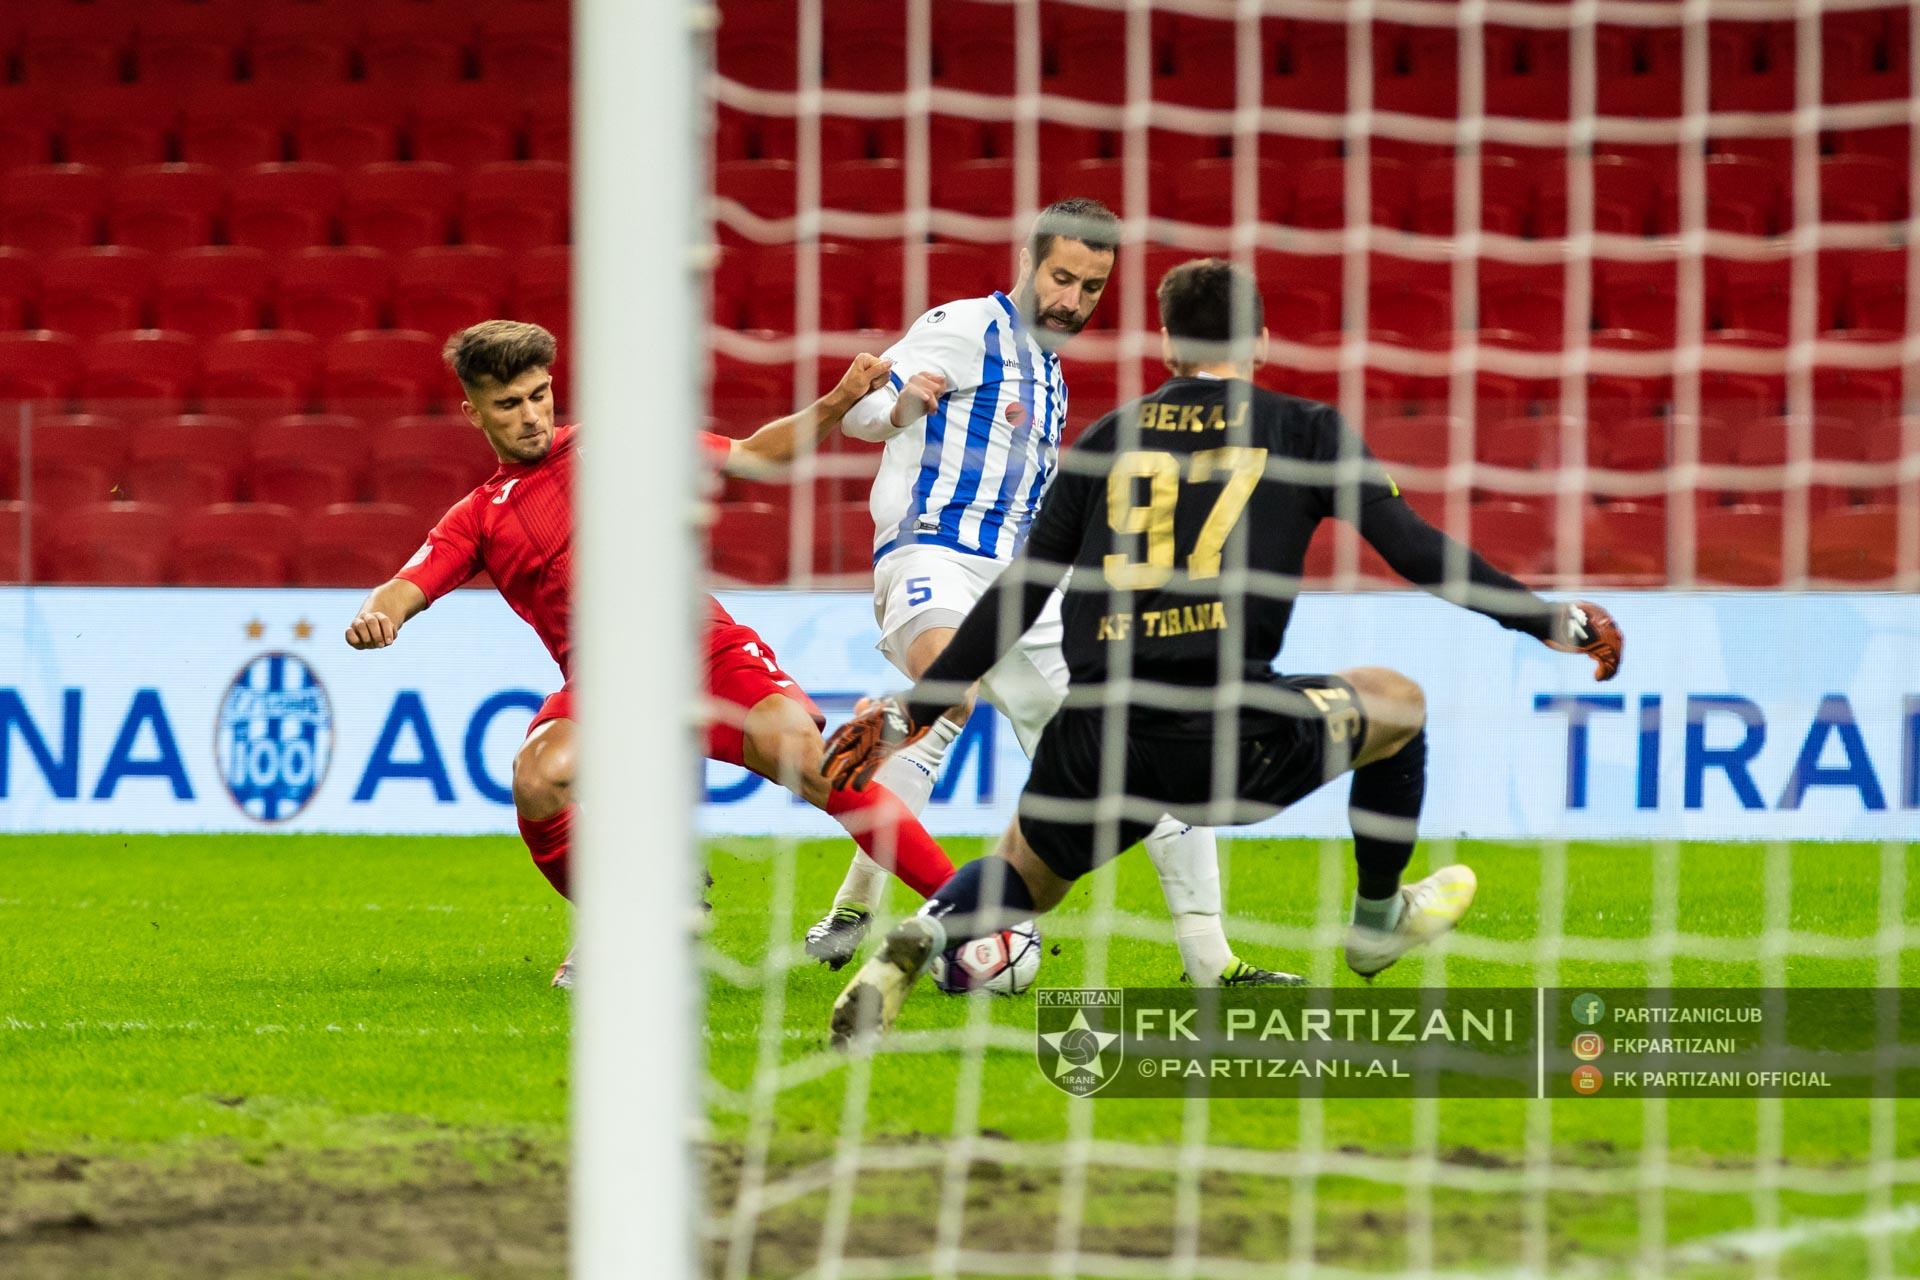 Formacionet zyrtare: Nga dy ndryshime, Tirana dhe Partizani gati për derbin